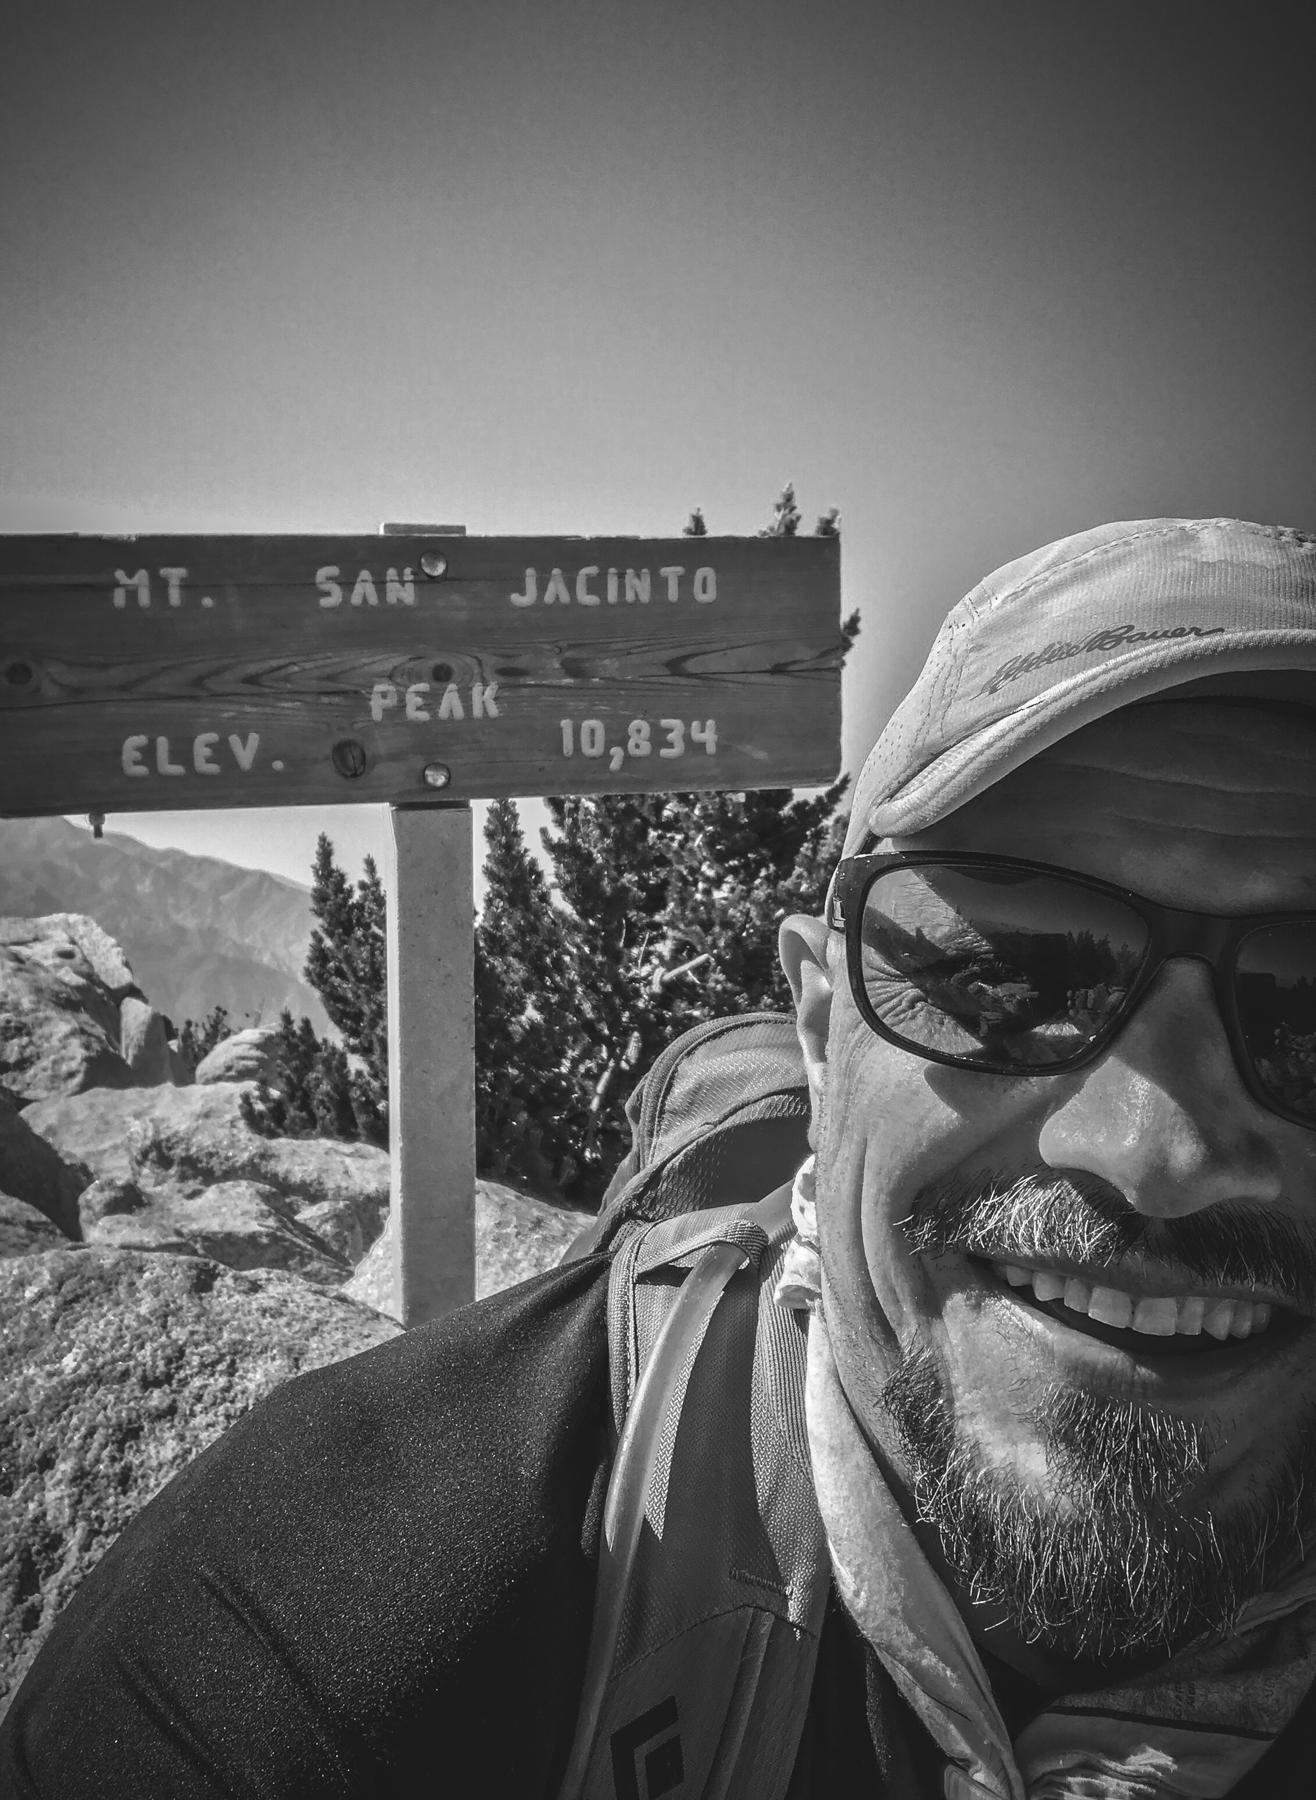 2017-07-02 San Jacinto Peak B (15 of 30).jpg